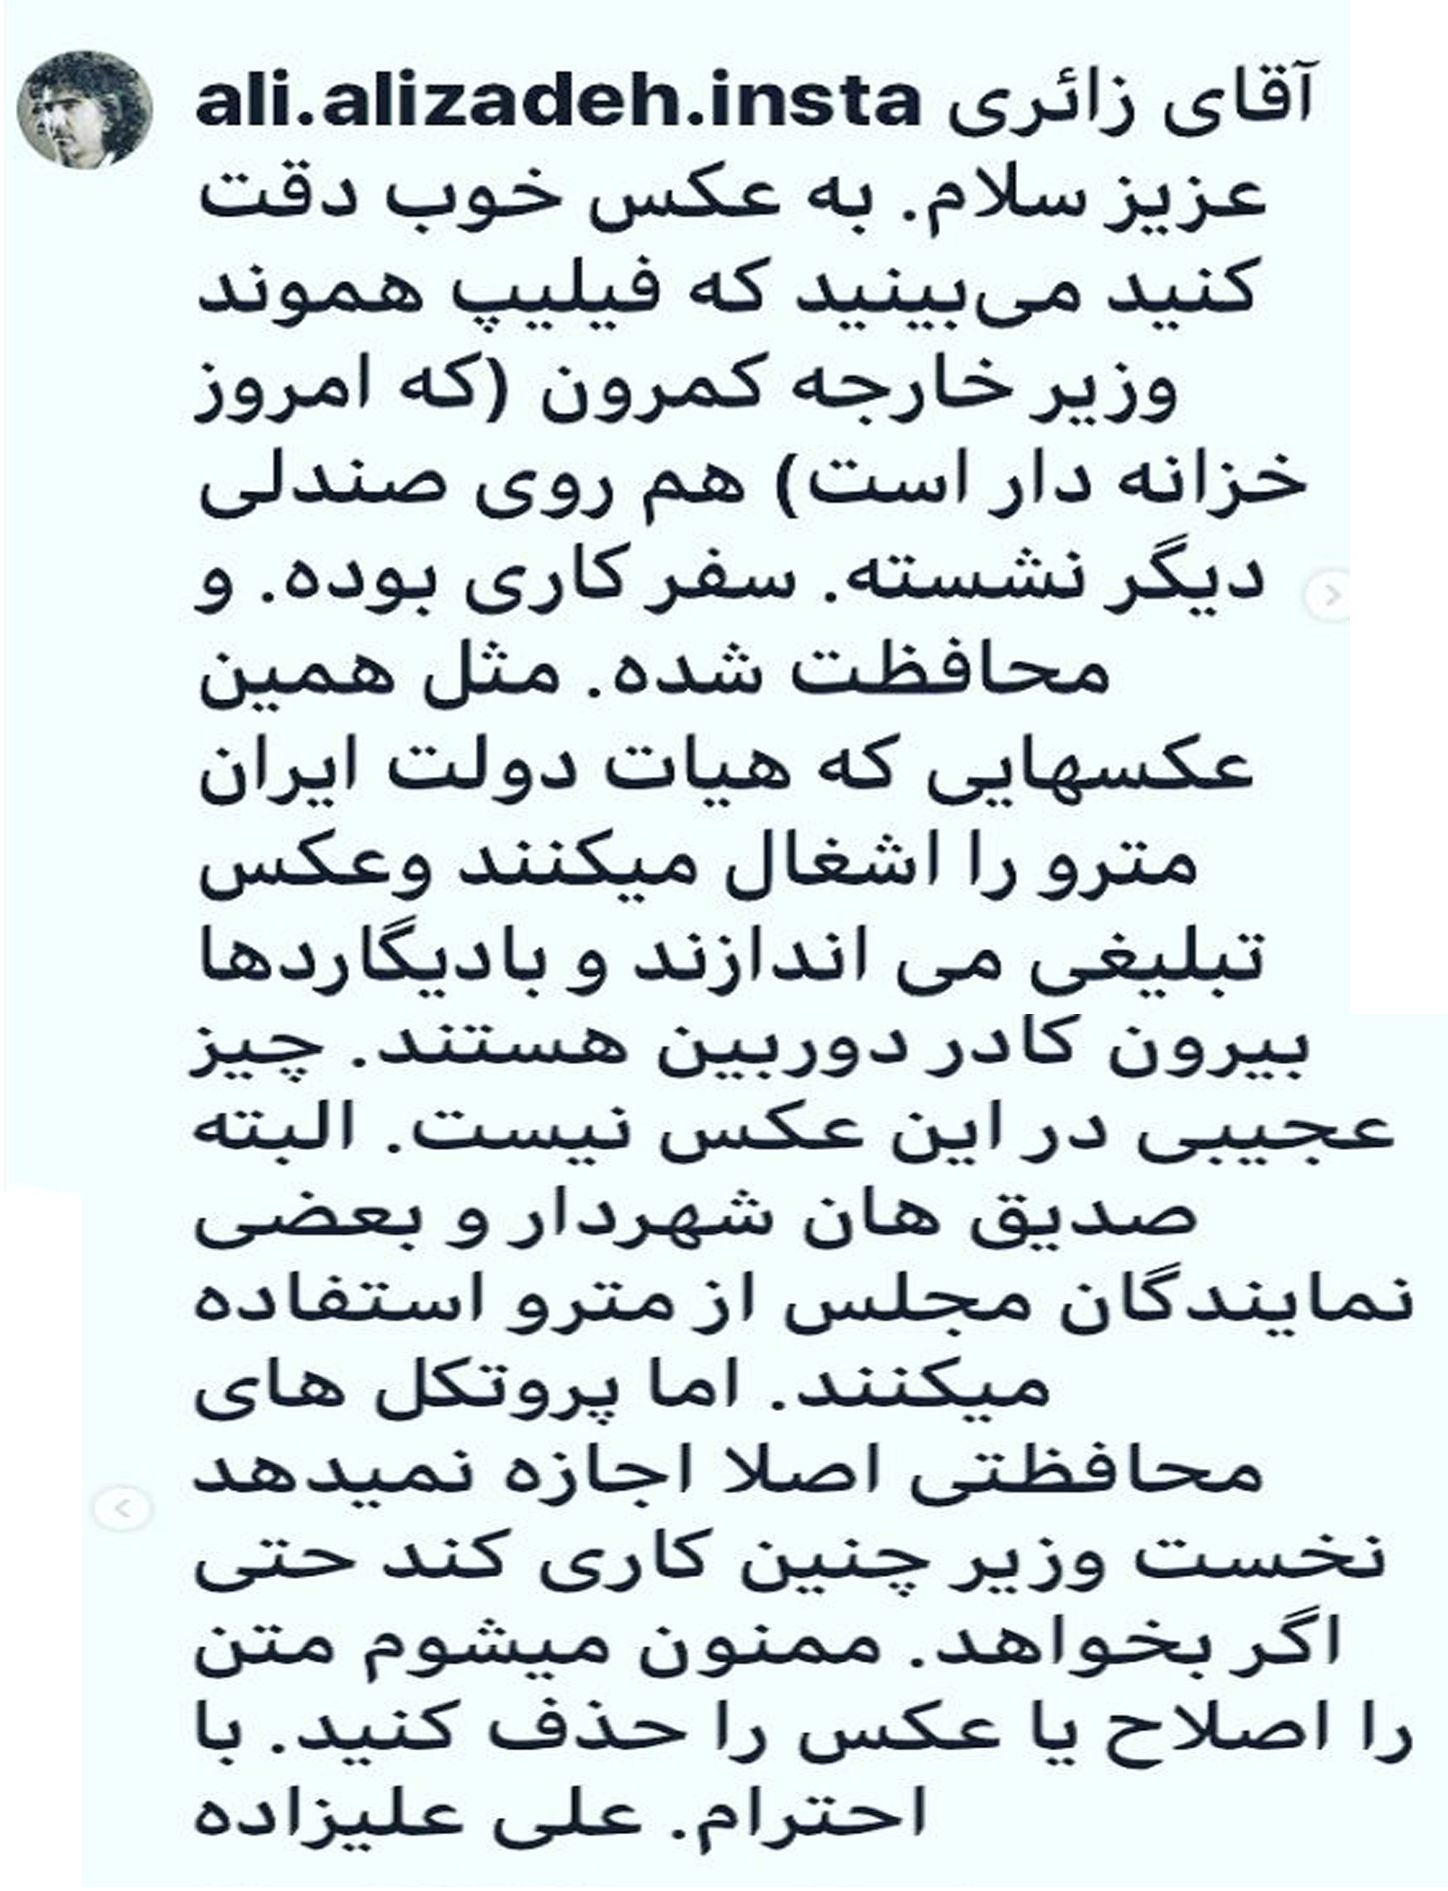 واکنش علیزاده به انتشار یک پست توسط زائری